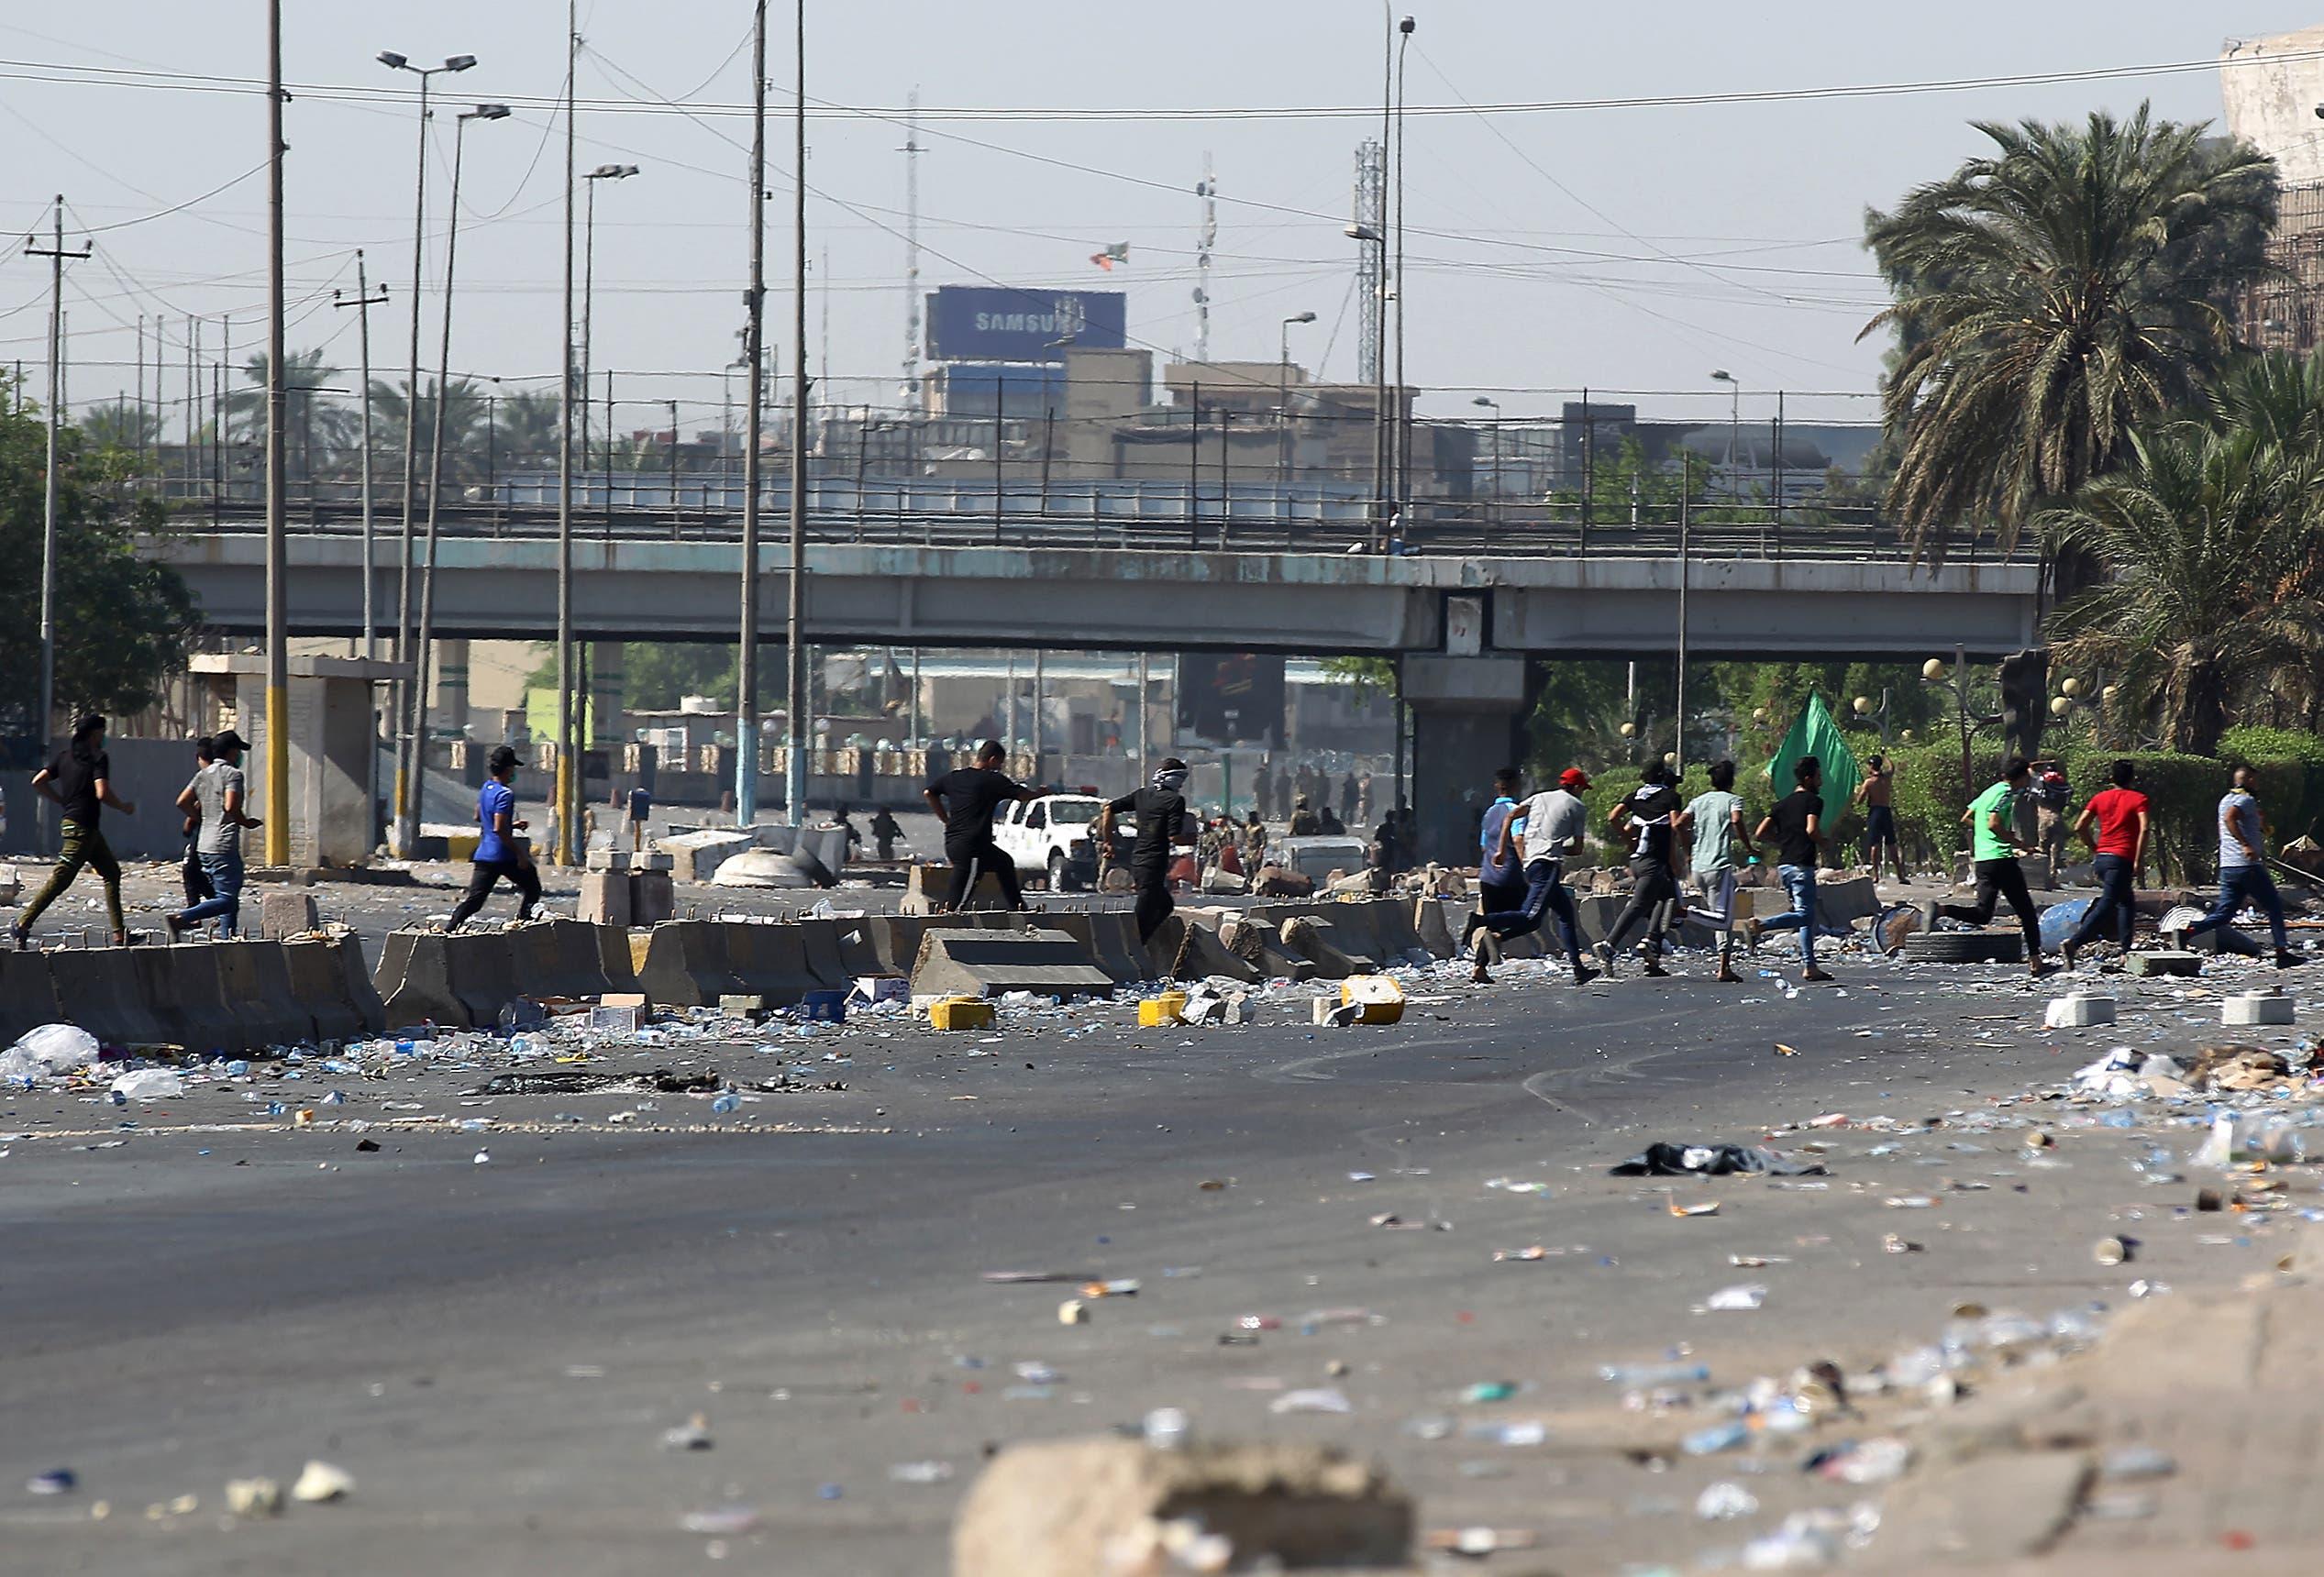 مشهد من العاصمة العراقية بغداد، في يومها الرابع من الاحتجاجات(فرانس برس)